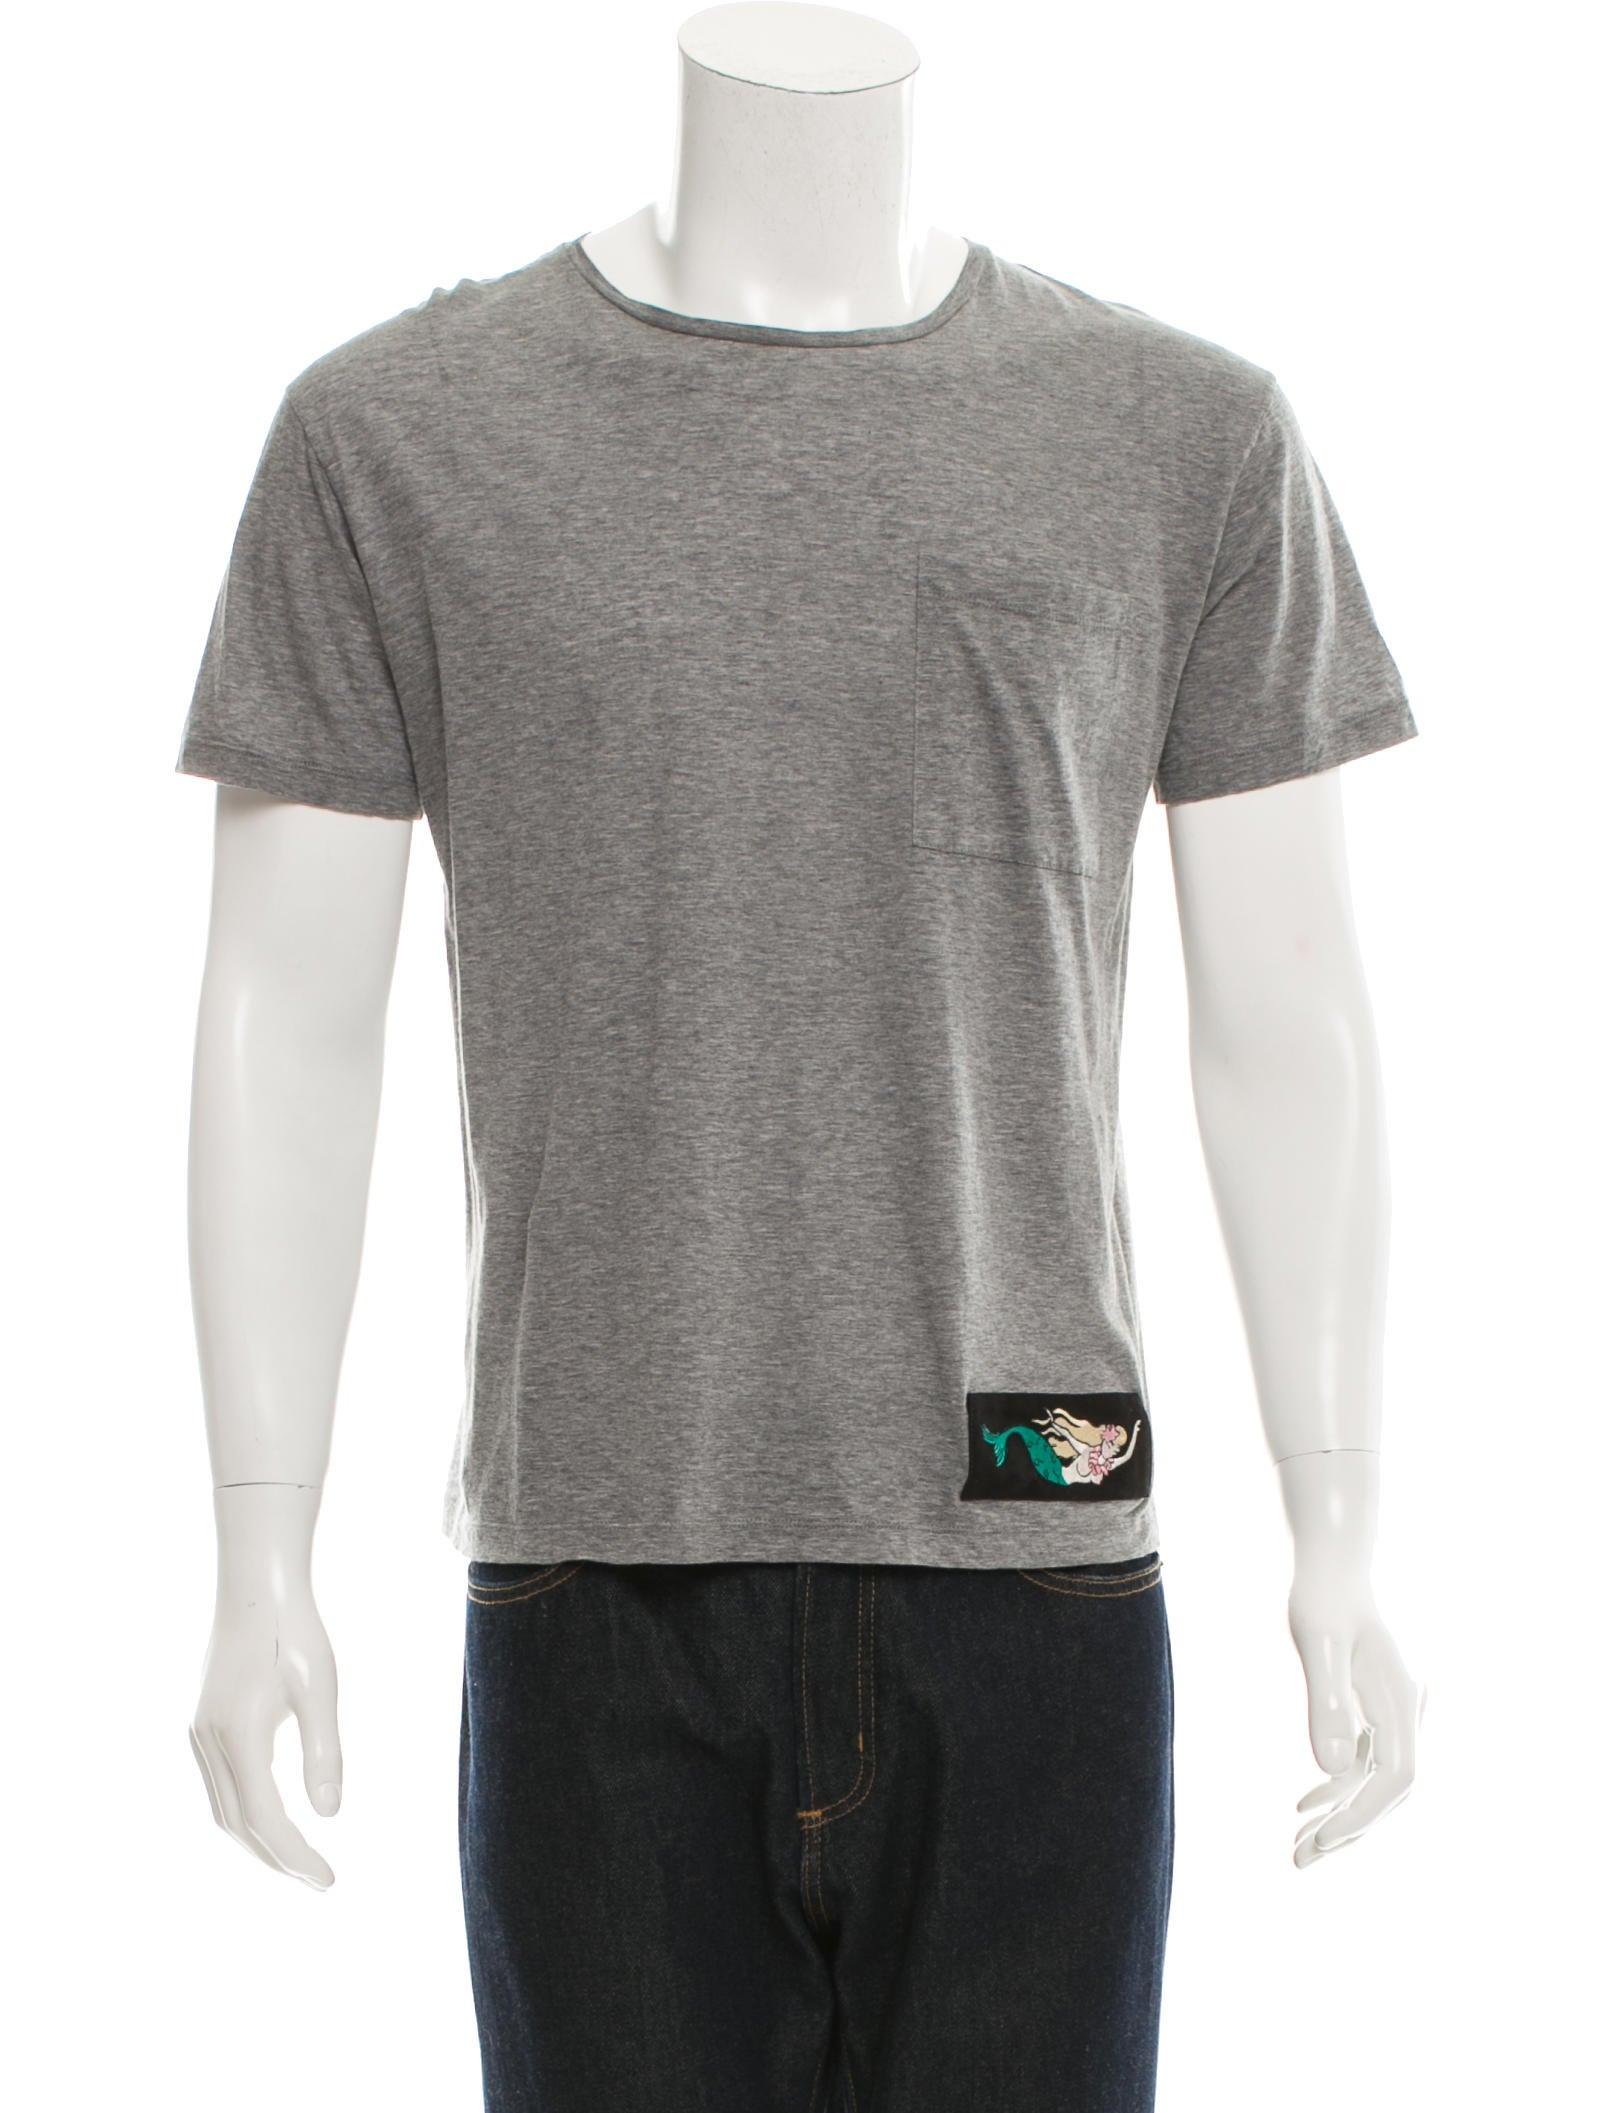 49d9482a Gucci 2018 L'Aveugle Par Amour Bengal T-Shirt - Clothing - GUC259442 ...